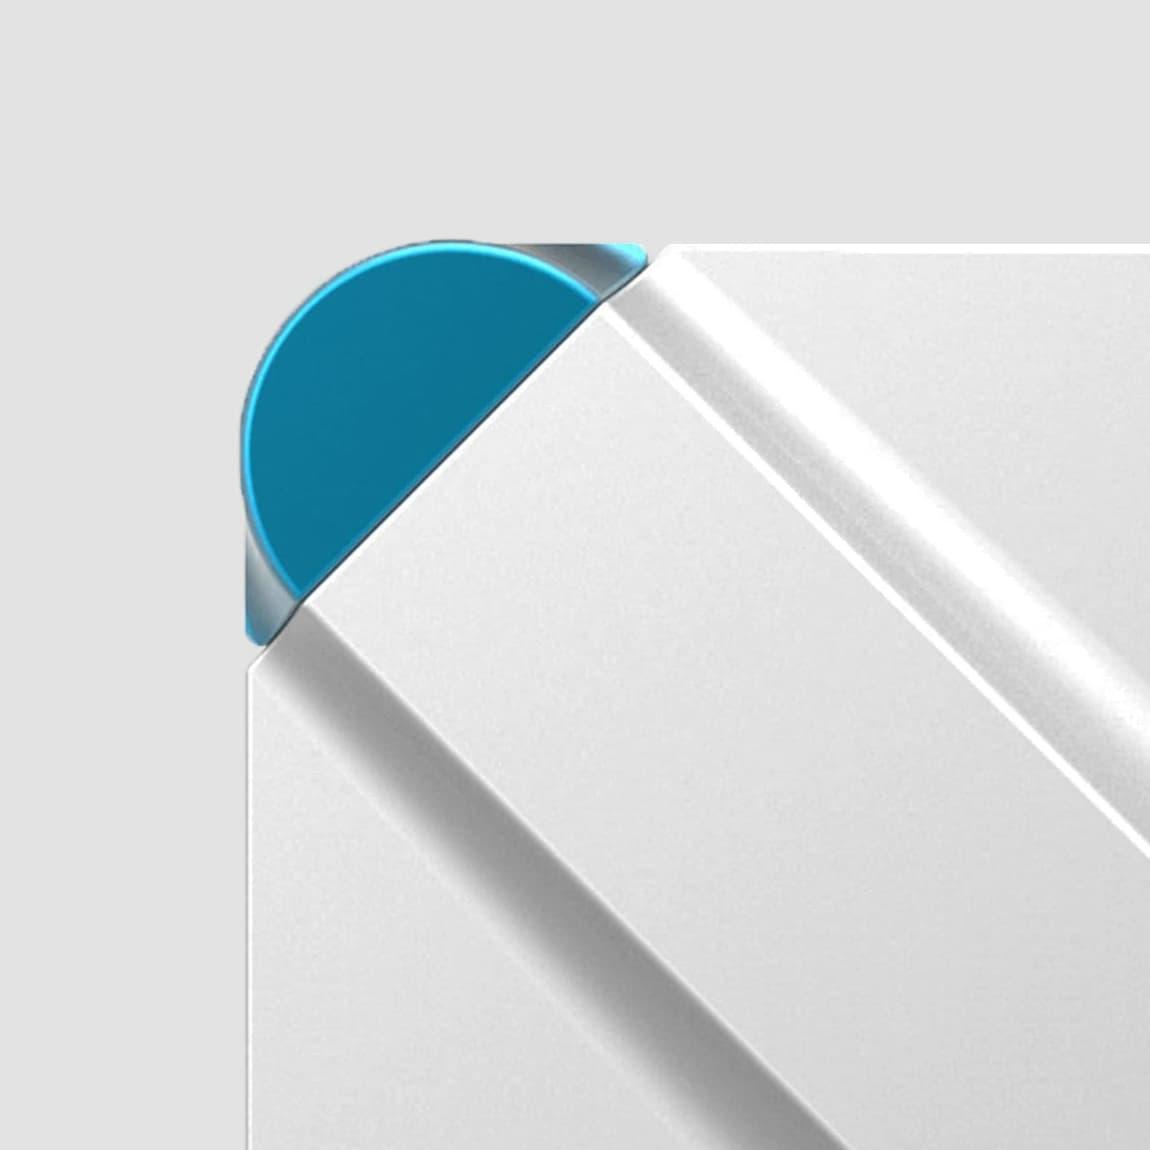 STUCK_Industrial_Design_KIY_Front_SQUARE_Corner_Compressed